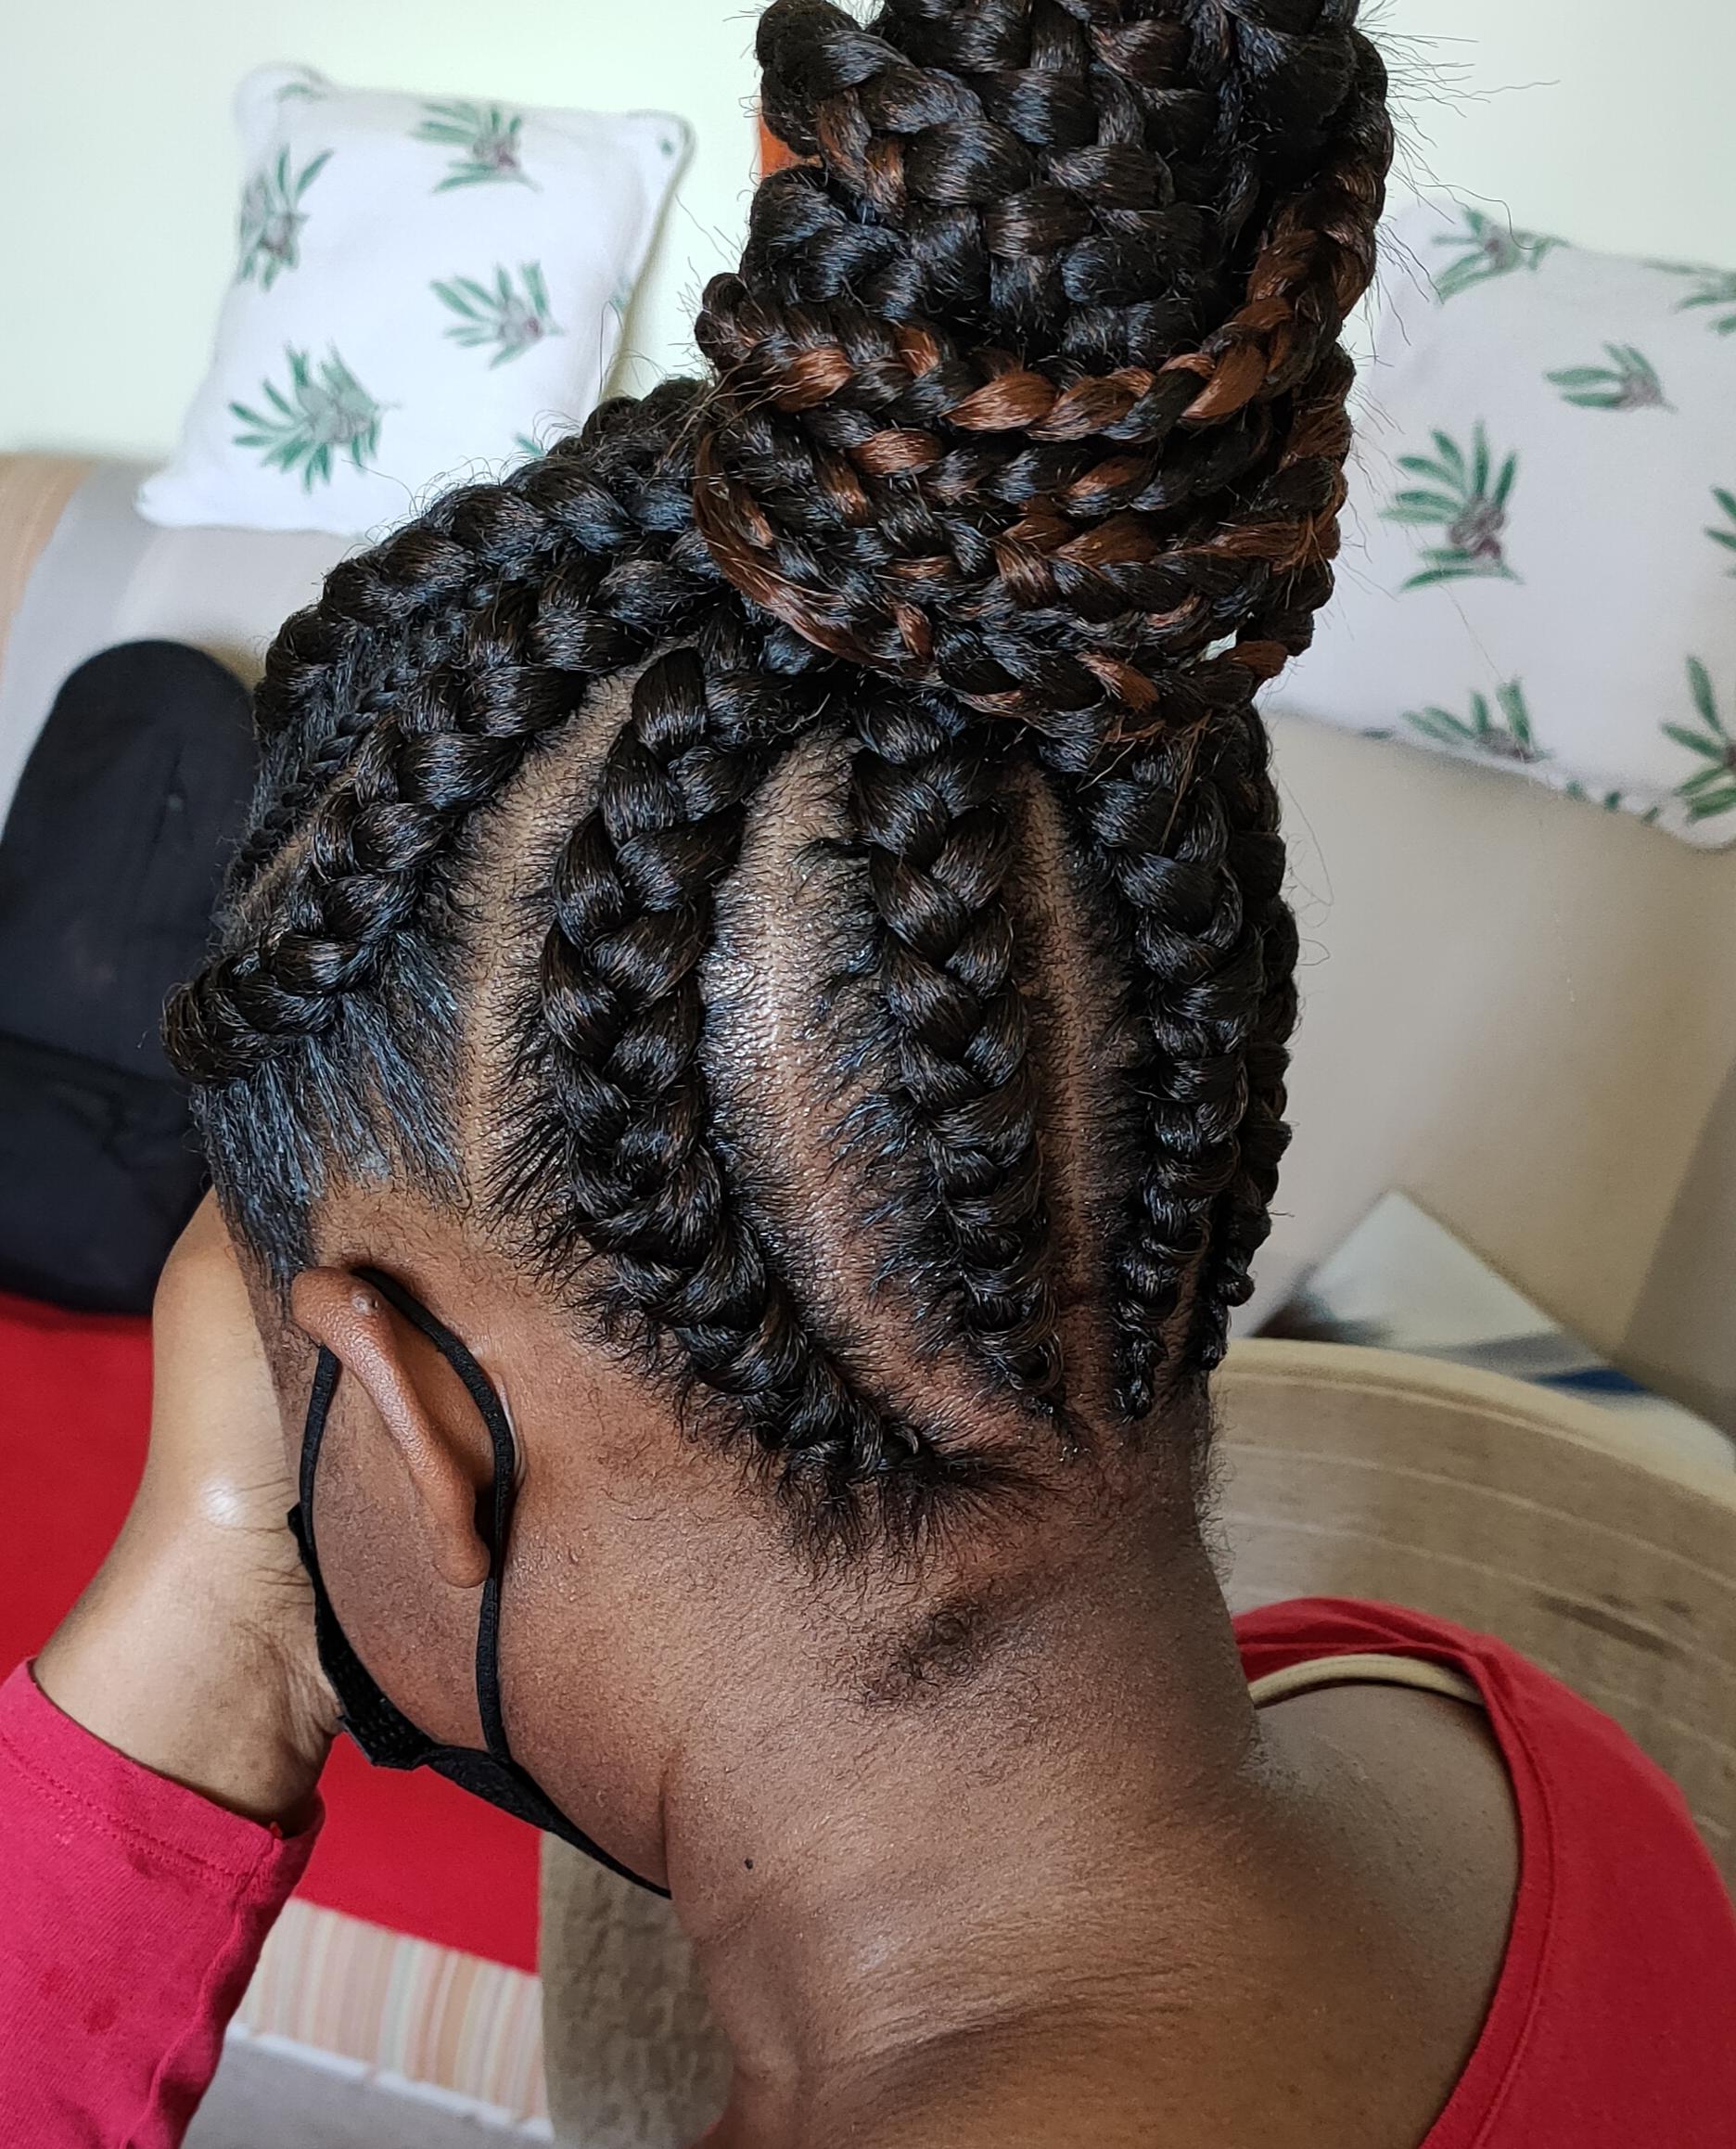 salon de coiffure afro tresse tresses box braids crochet braids vanilles tissages paris 75 77 78 91 92 93 94 95 WVXSSGJL